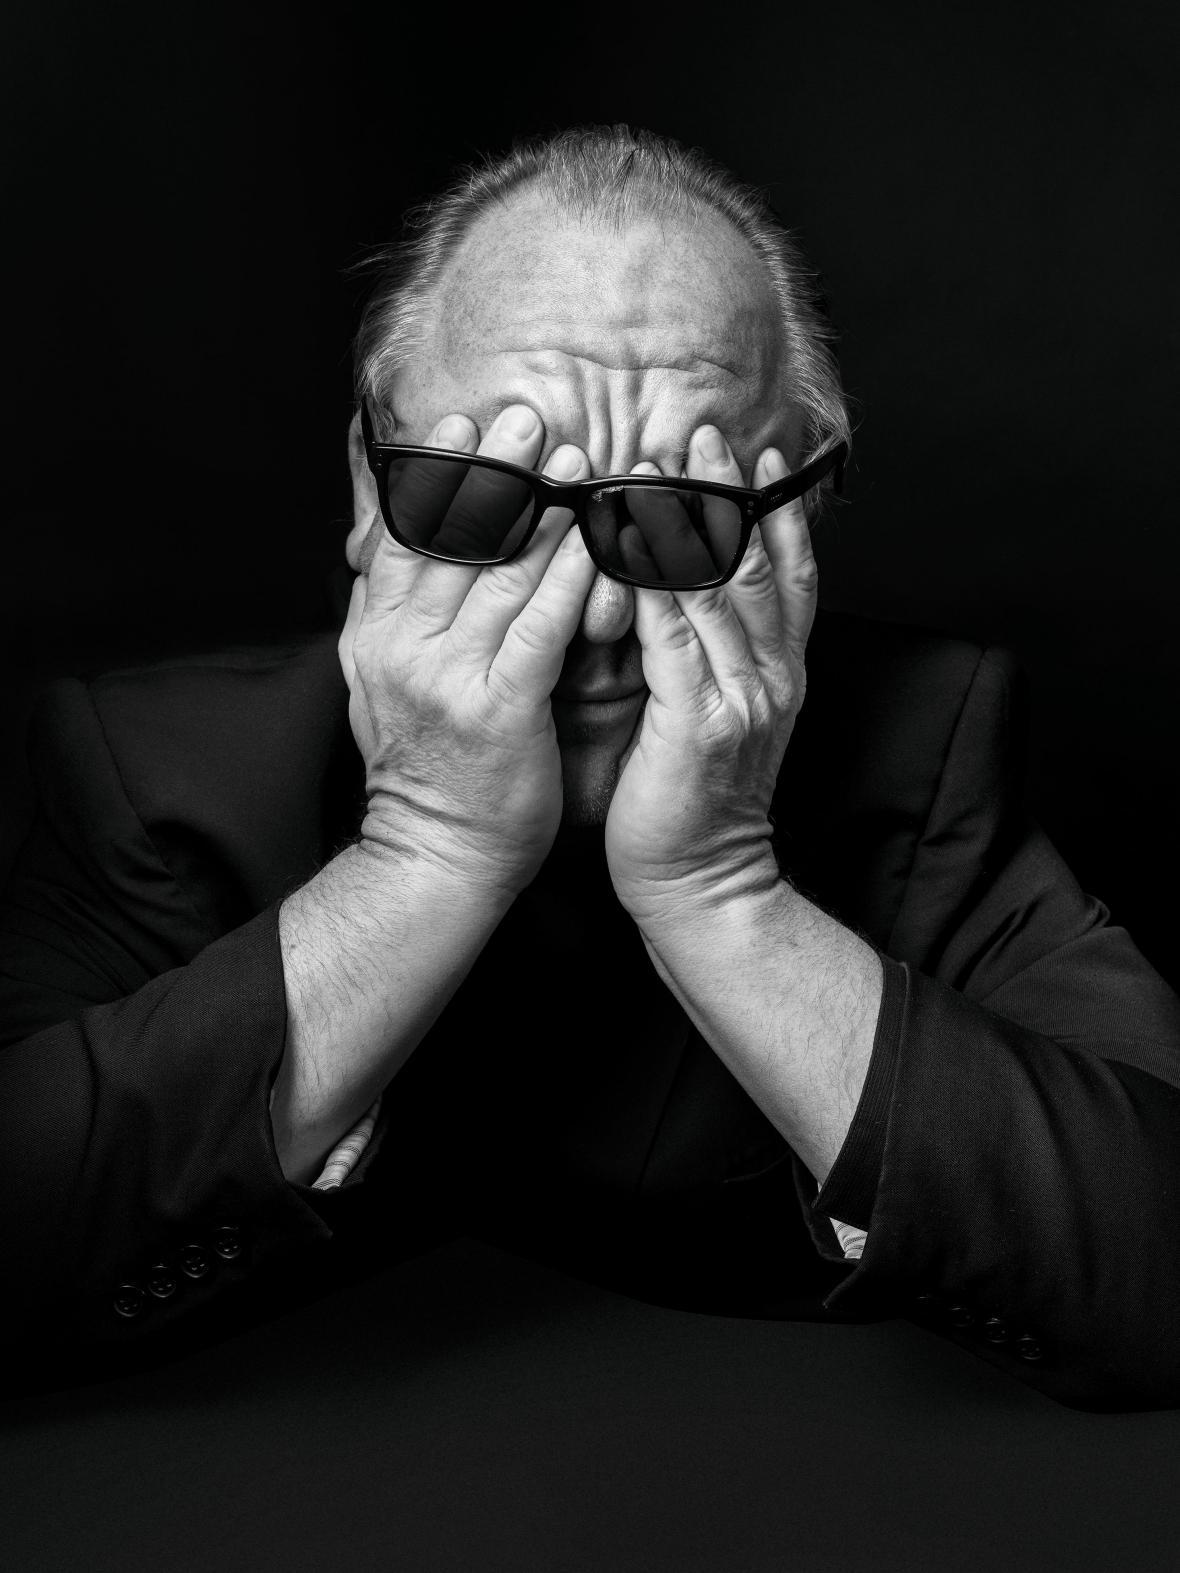 Ο Τσαρλς Τόμσον, γνωστός και ως Black Francis, του ροκ συγκροτήματος The Pixies δείχνει τον εκνευρισμό του κατά τη διάρκεια μιας φωτογράφισης